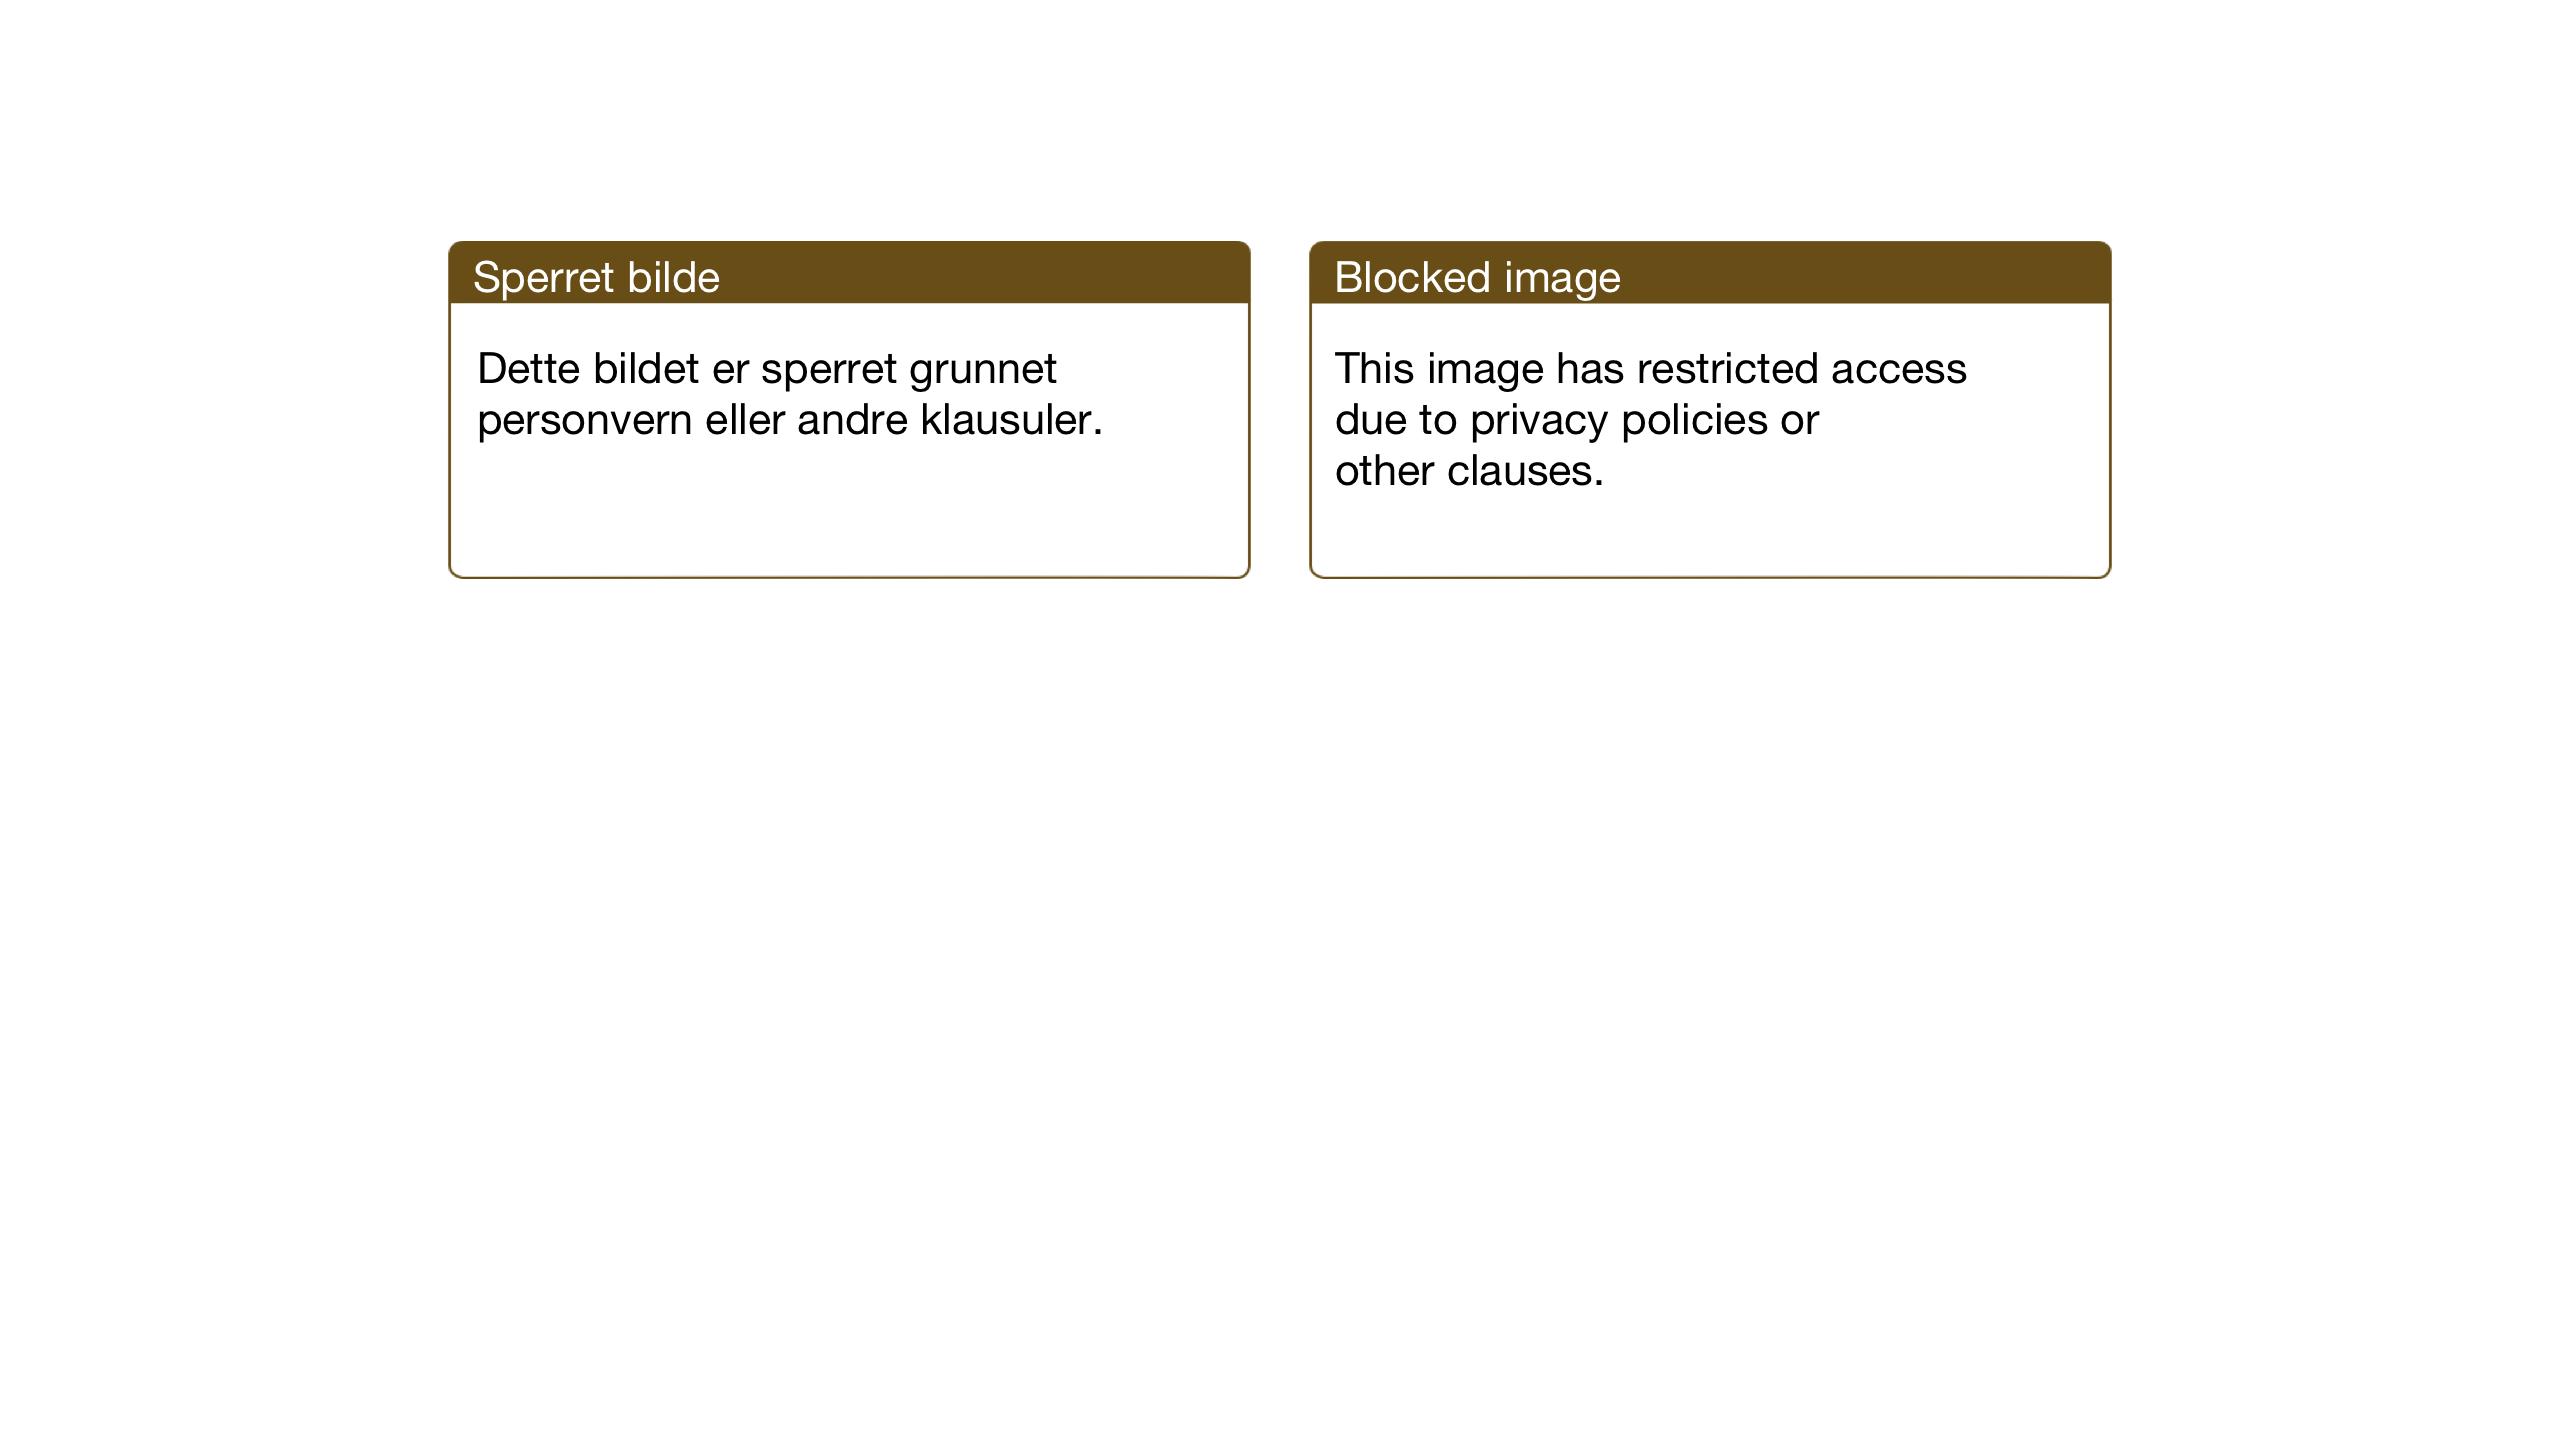 SAT, Ministerialprotokoller, klokkerbøker og fødselsregistre - Sør-Trøndelag, 686/L0986: Klokkerbok nr. 686C02, 1933-1950, s. 195